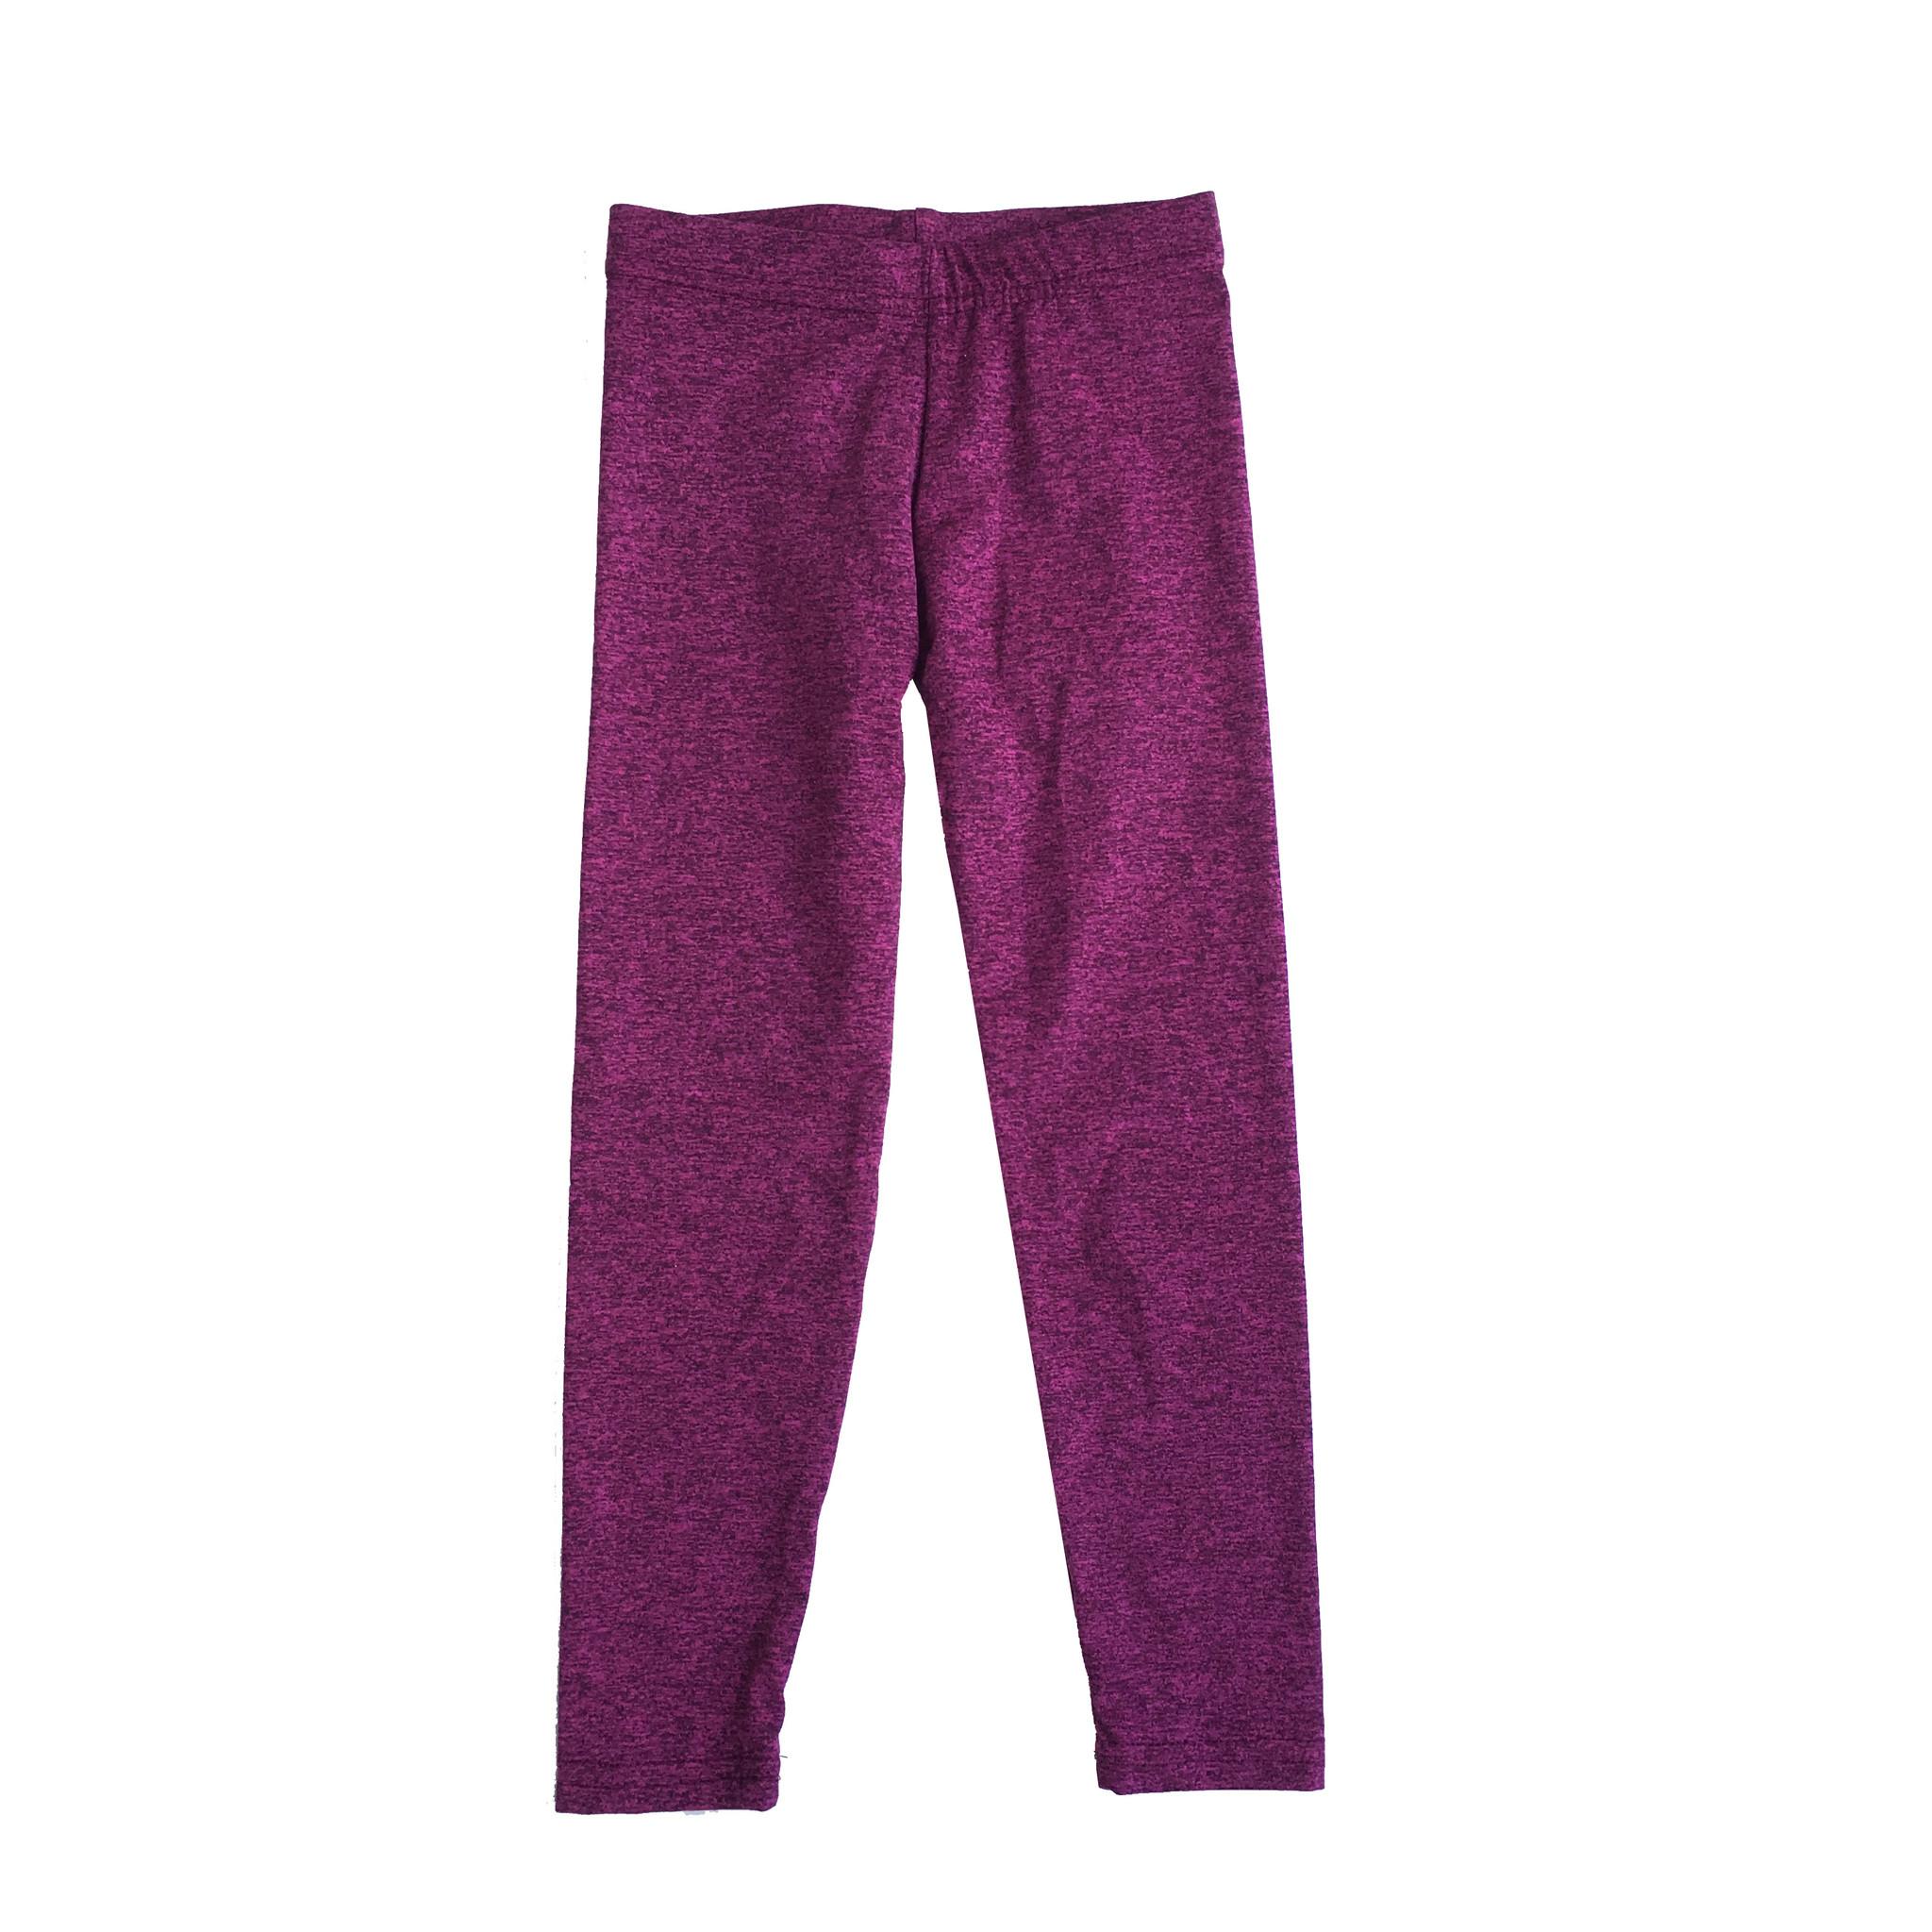 Dori Pink/Black Heathered Legging